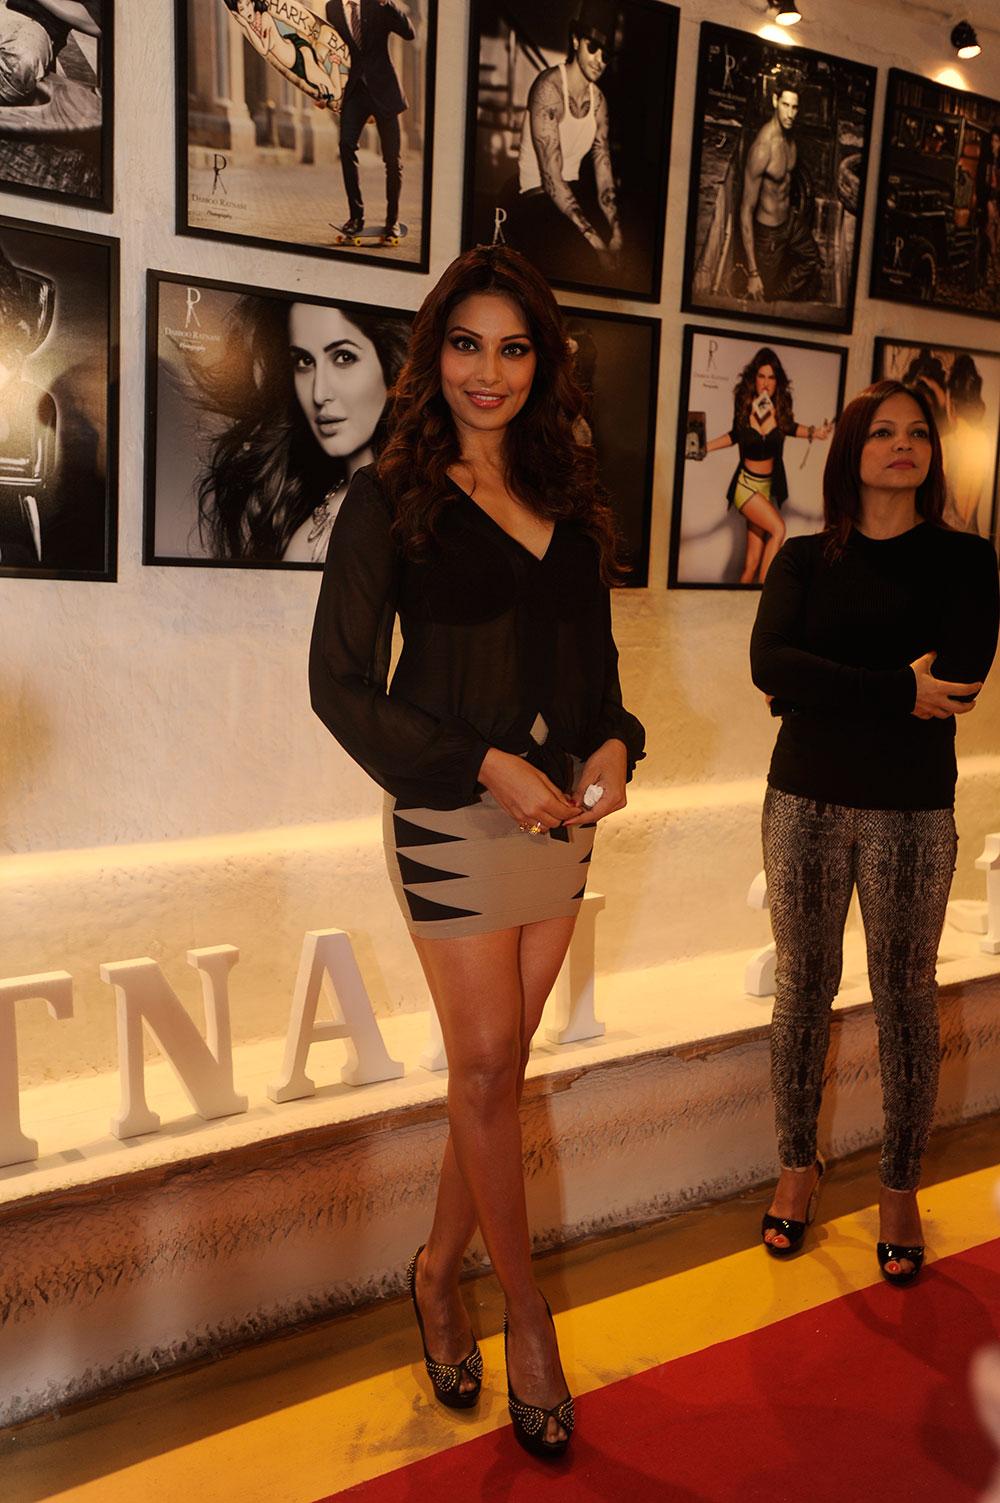 मुंबई : बांद्रा के ओलिव में डब्बू रतनानी के कैलेंडर 2014 की लांचिंग के दौरान अभिनेत्री बिपाशा बसु। (फोटो सौजन्य : डीएनए)